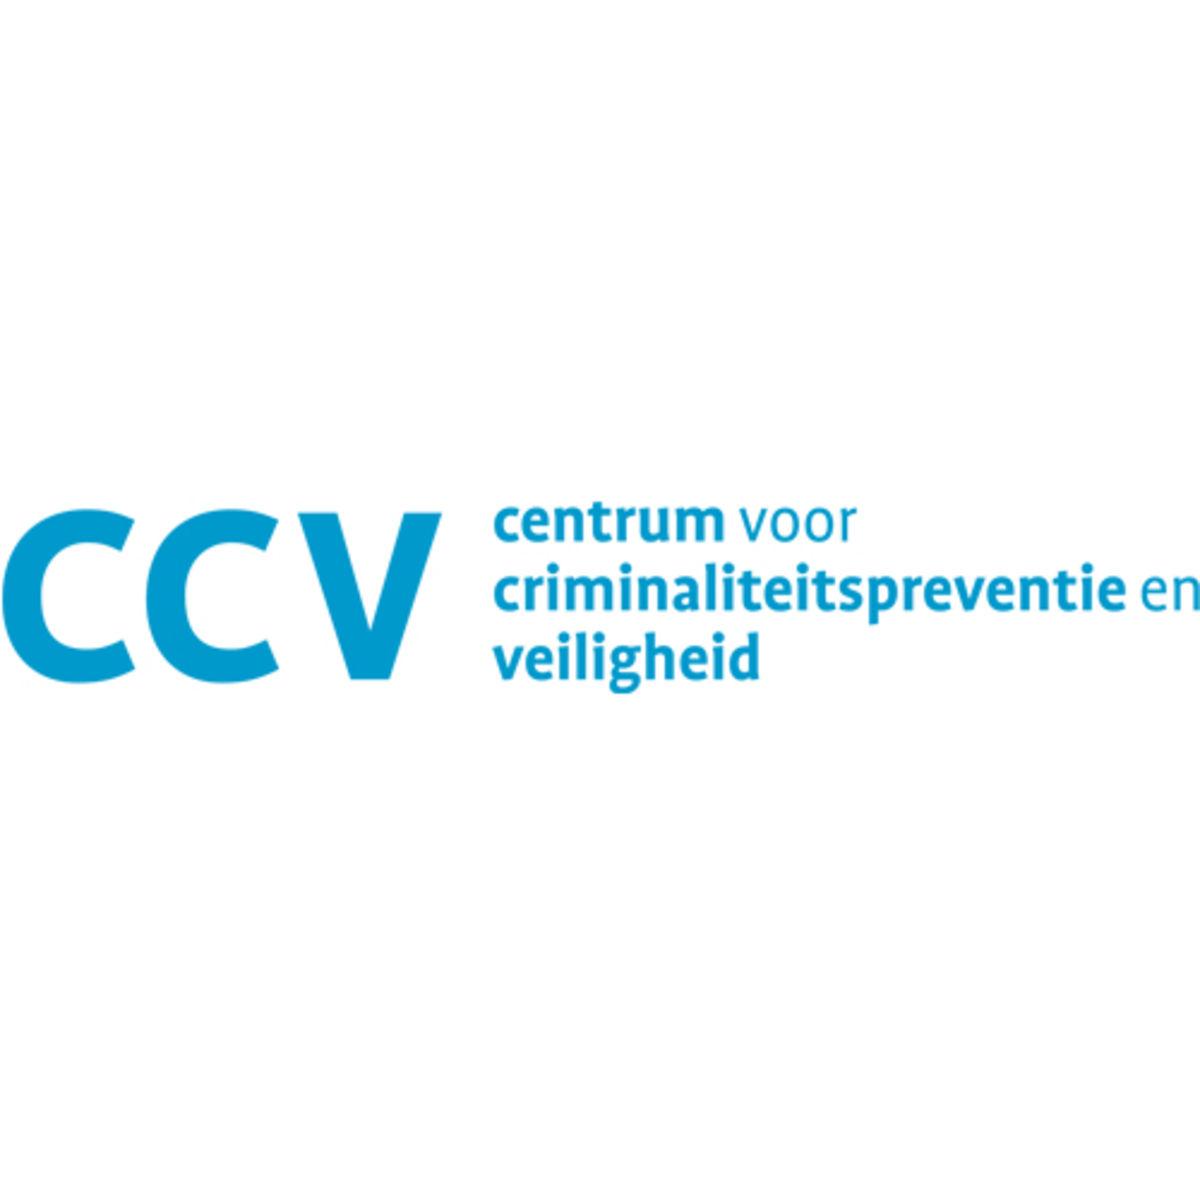 Op uitnodiging van het CCV heeft criminoloog Jeroen van den Broek namens Partner in Crime een presentatie verzorgd over online straatcultuur, ten behoeve van de leerkring 'Social media en jeugdgroepen' van 30 september 2014.